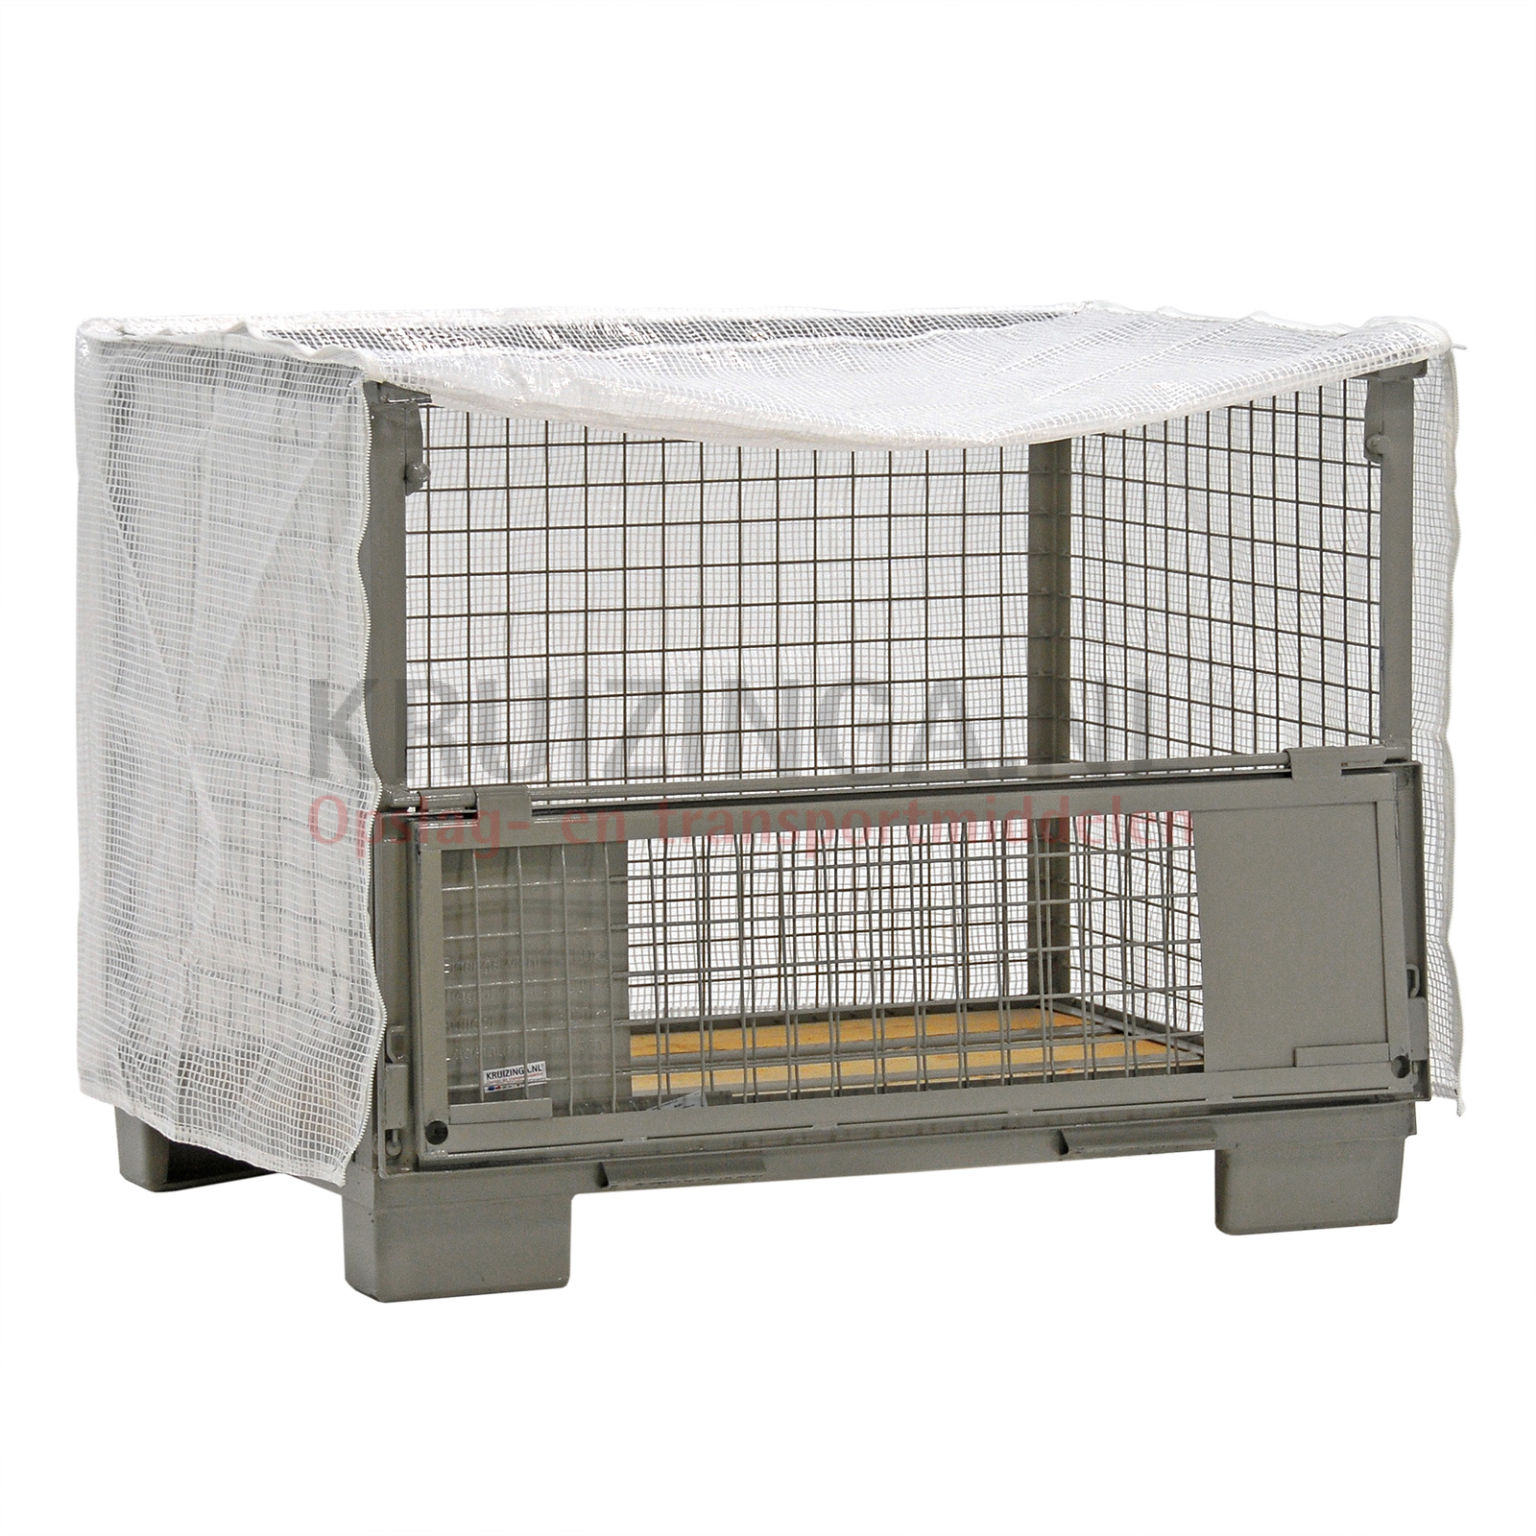 housse de protection housse prot ger avec clair partir de 28 frais de livraison inclus. Black Bedroom Furniture Sets. Home Design Ideas